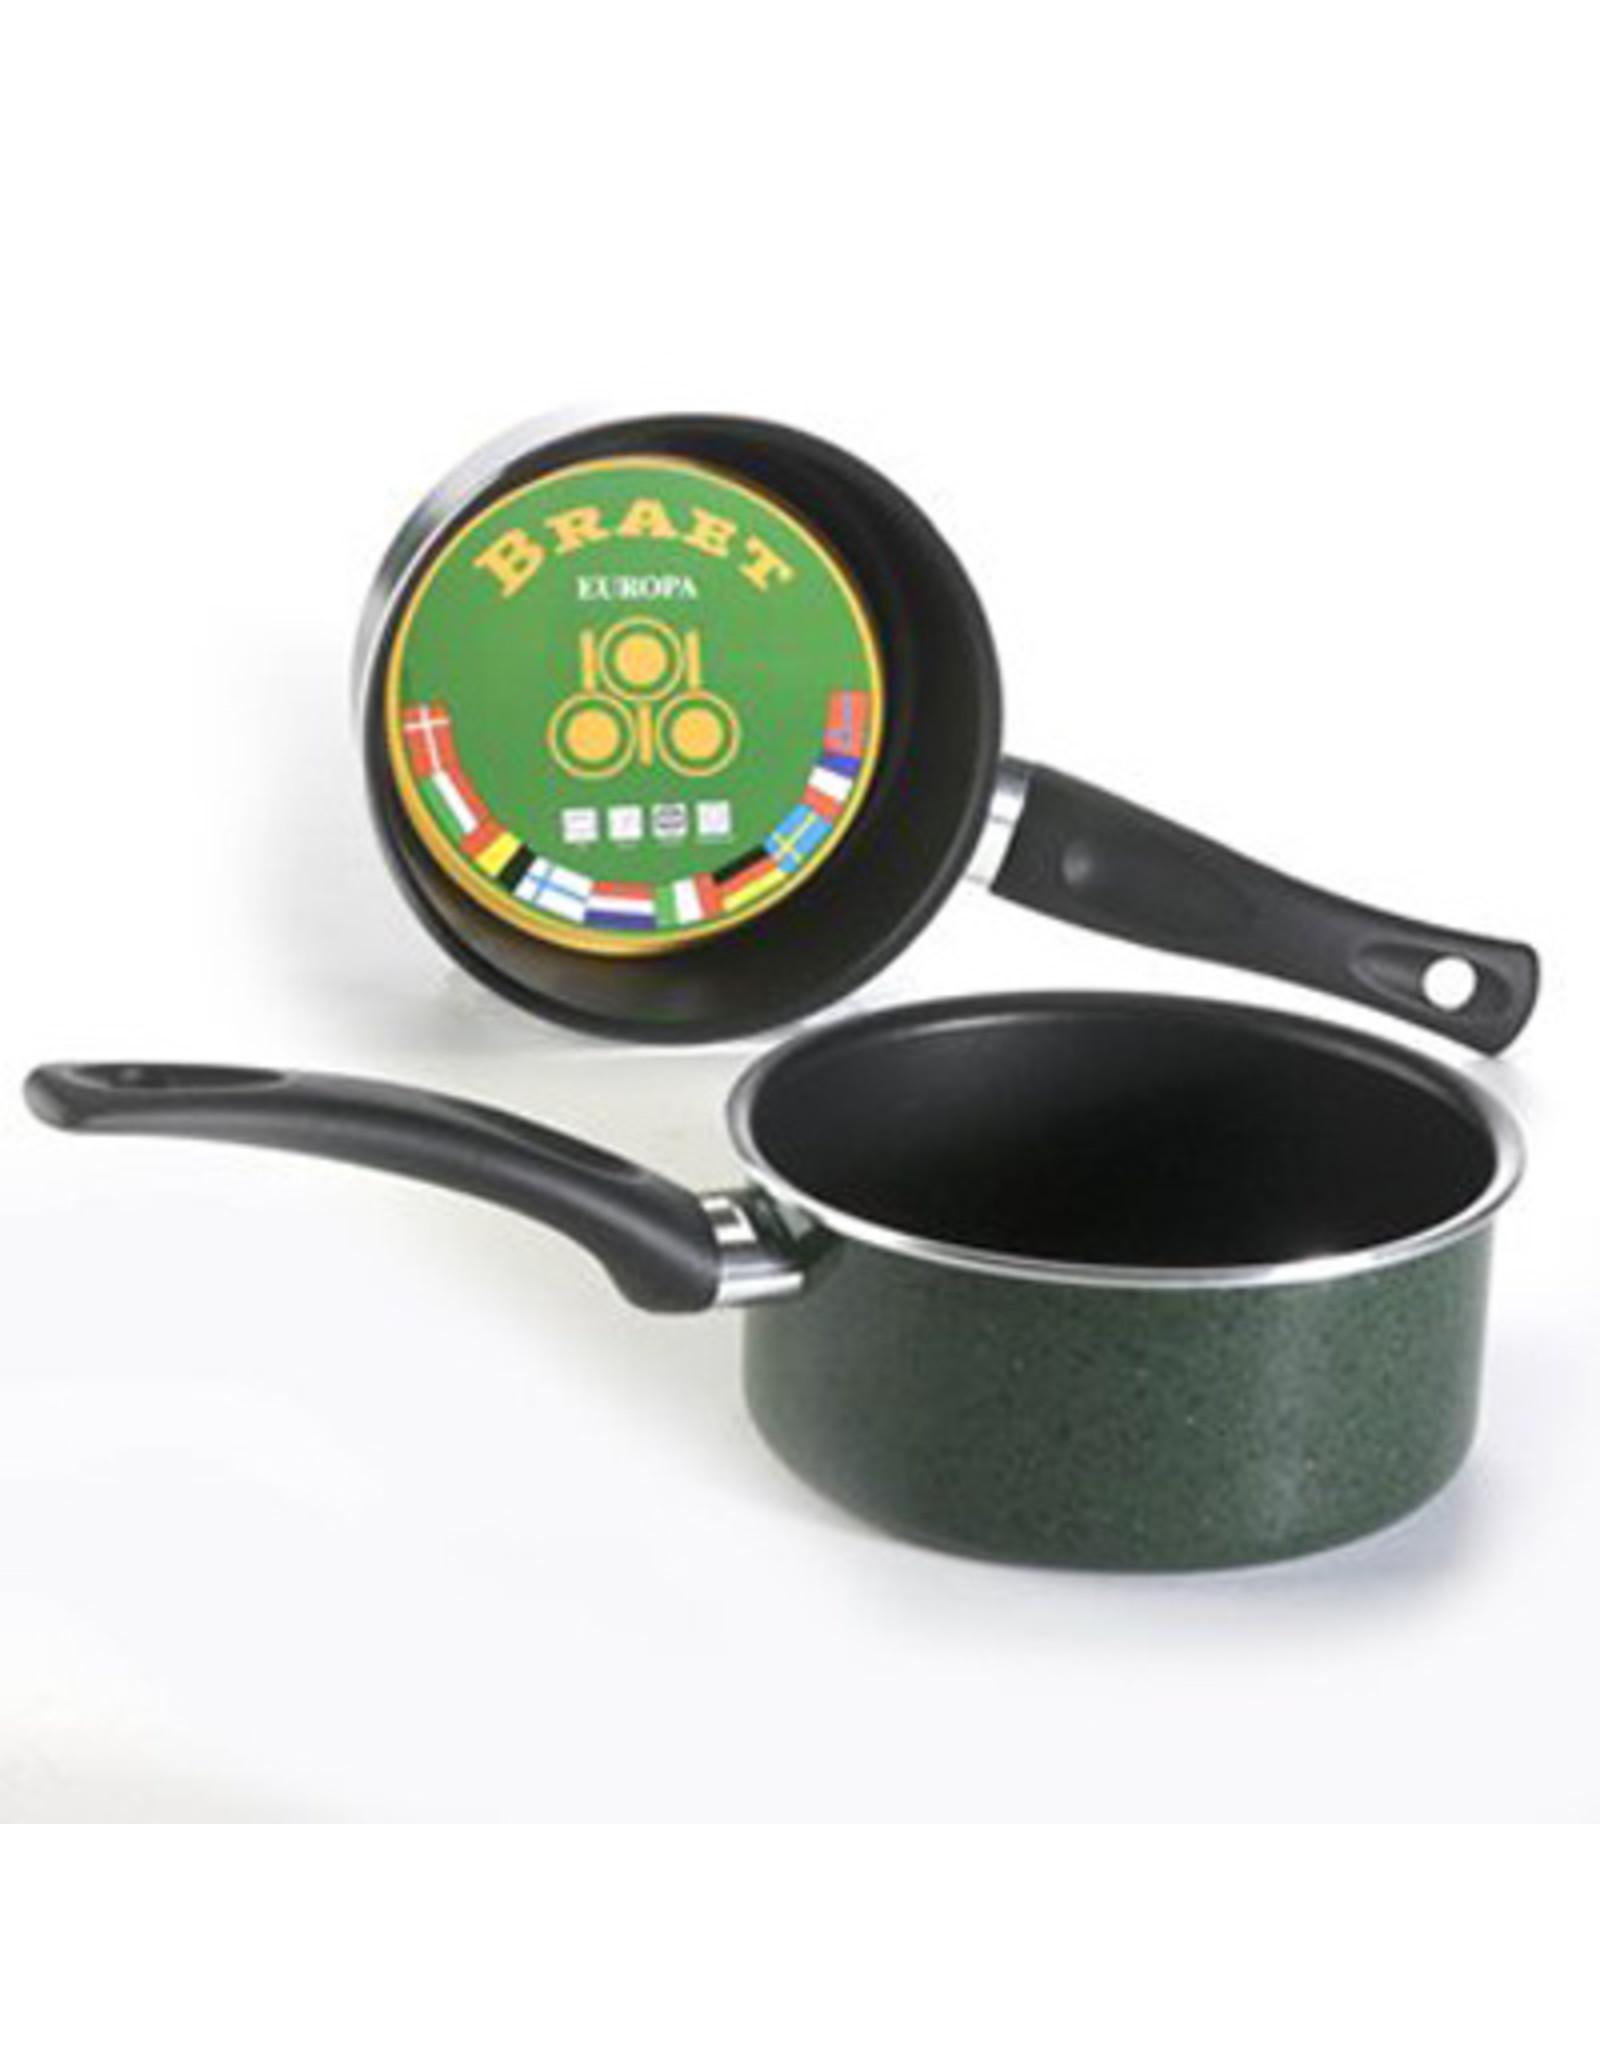 Braet Steelpan met leisteen laag voor o.a. sauzen. Maakt heel makkelijk weer schoon.